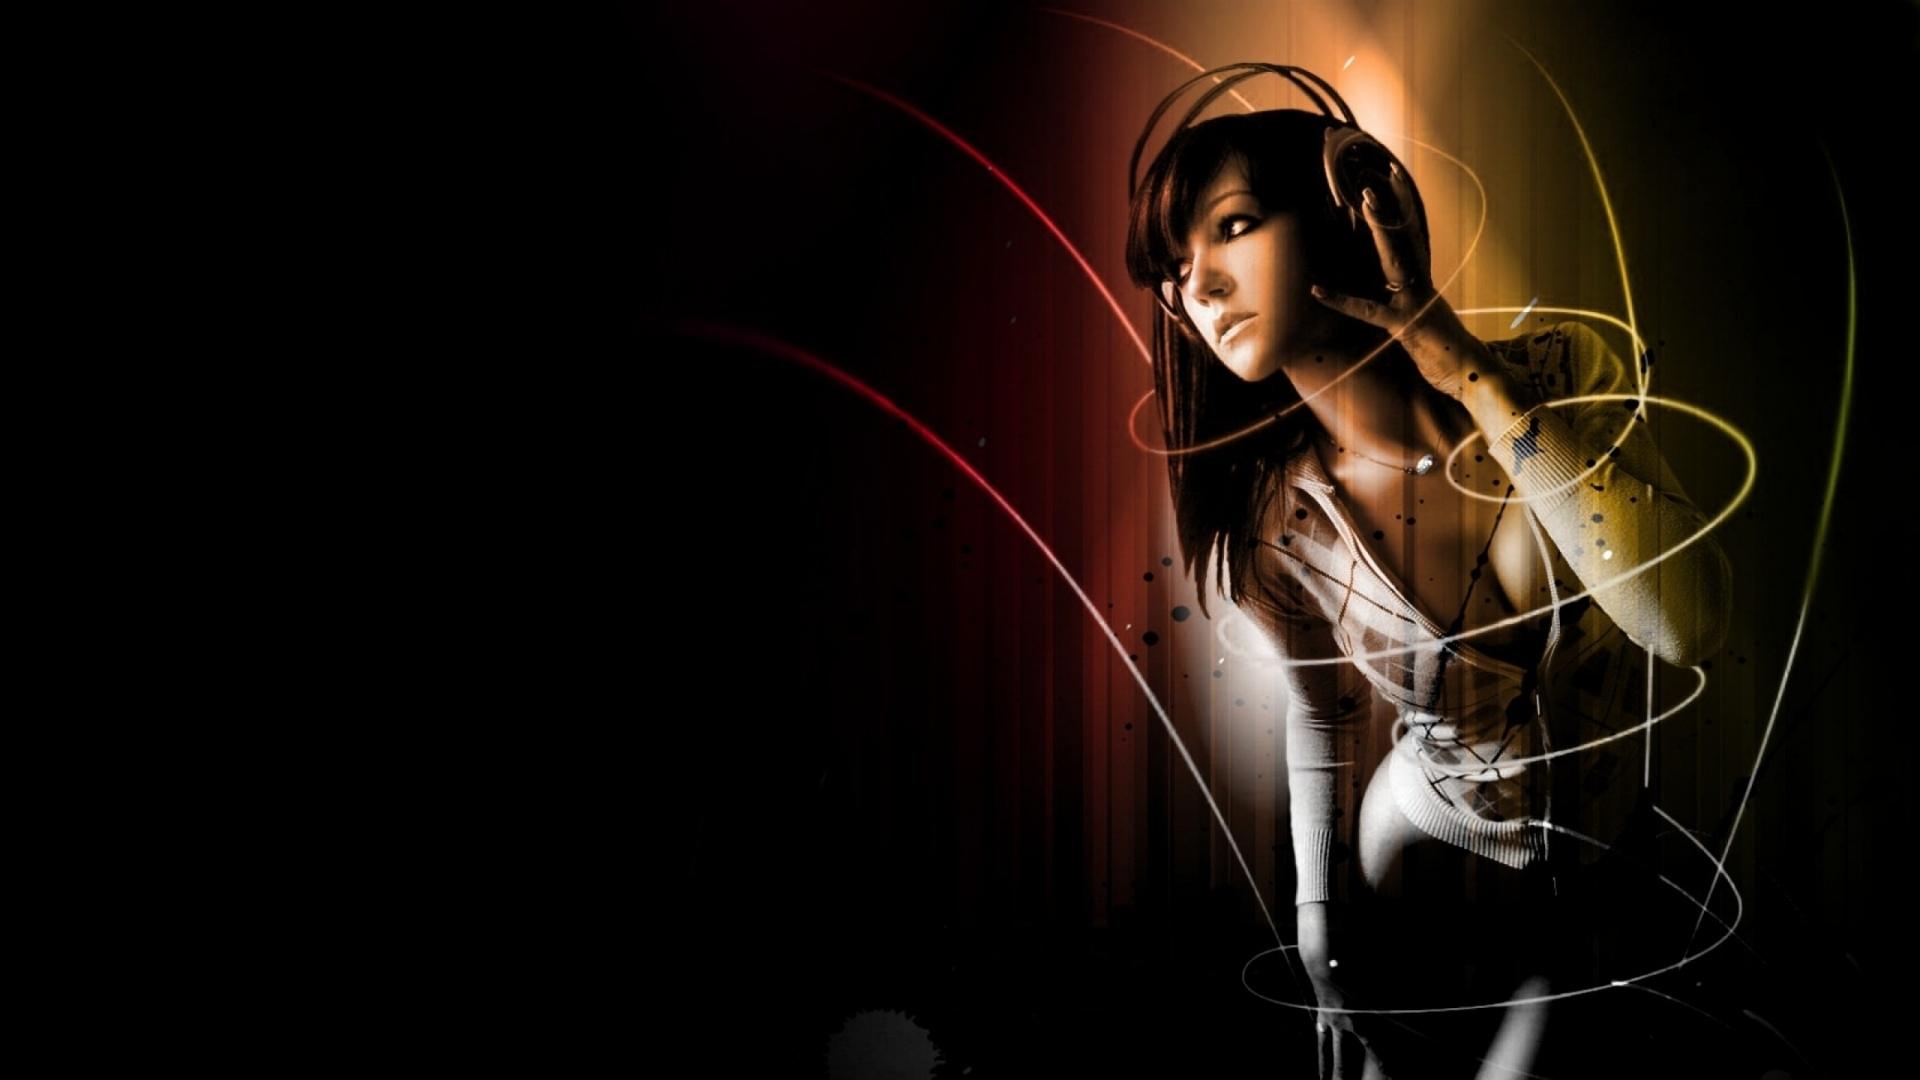 wallpaper : women, model, black background, music, headphones, light